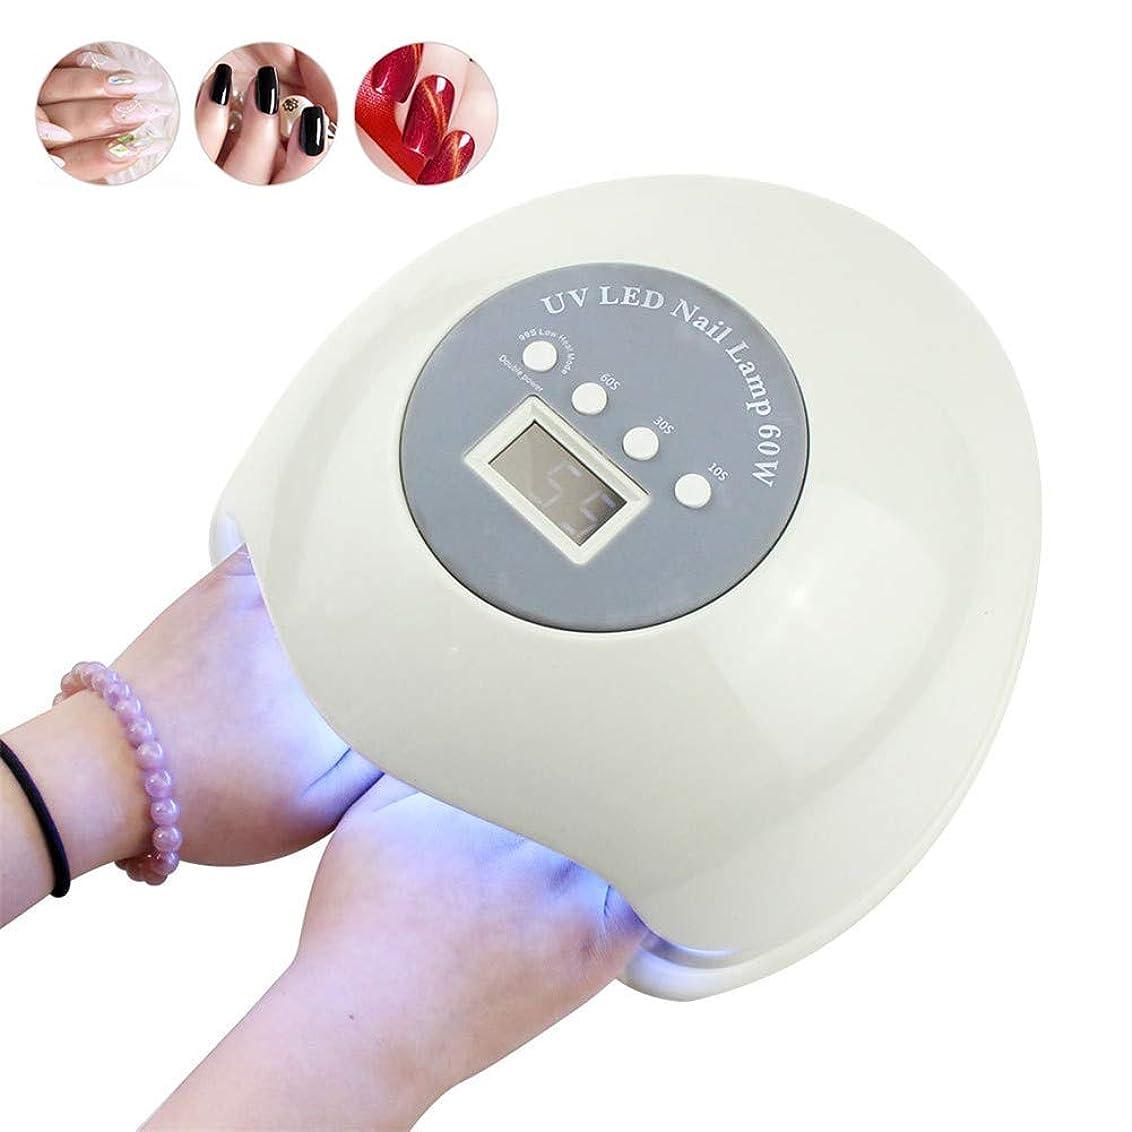 召集する激怒ピクニックLedネイルライト60ワットネイルドライヤー硬化uvジェルニスマニキュア乾燥光線療法機で液晶タイマーディスプレイ